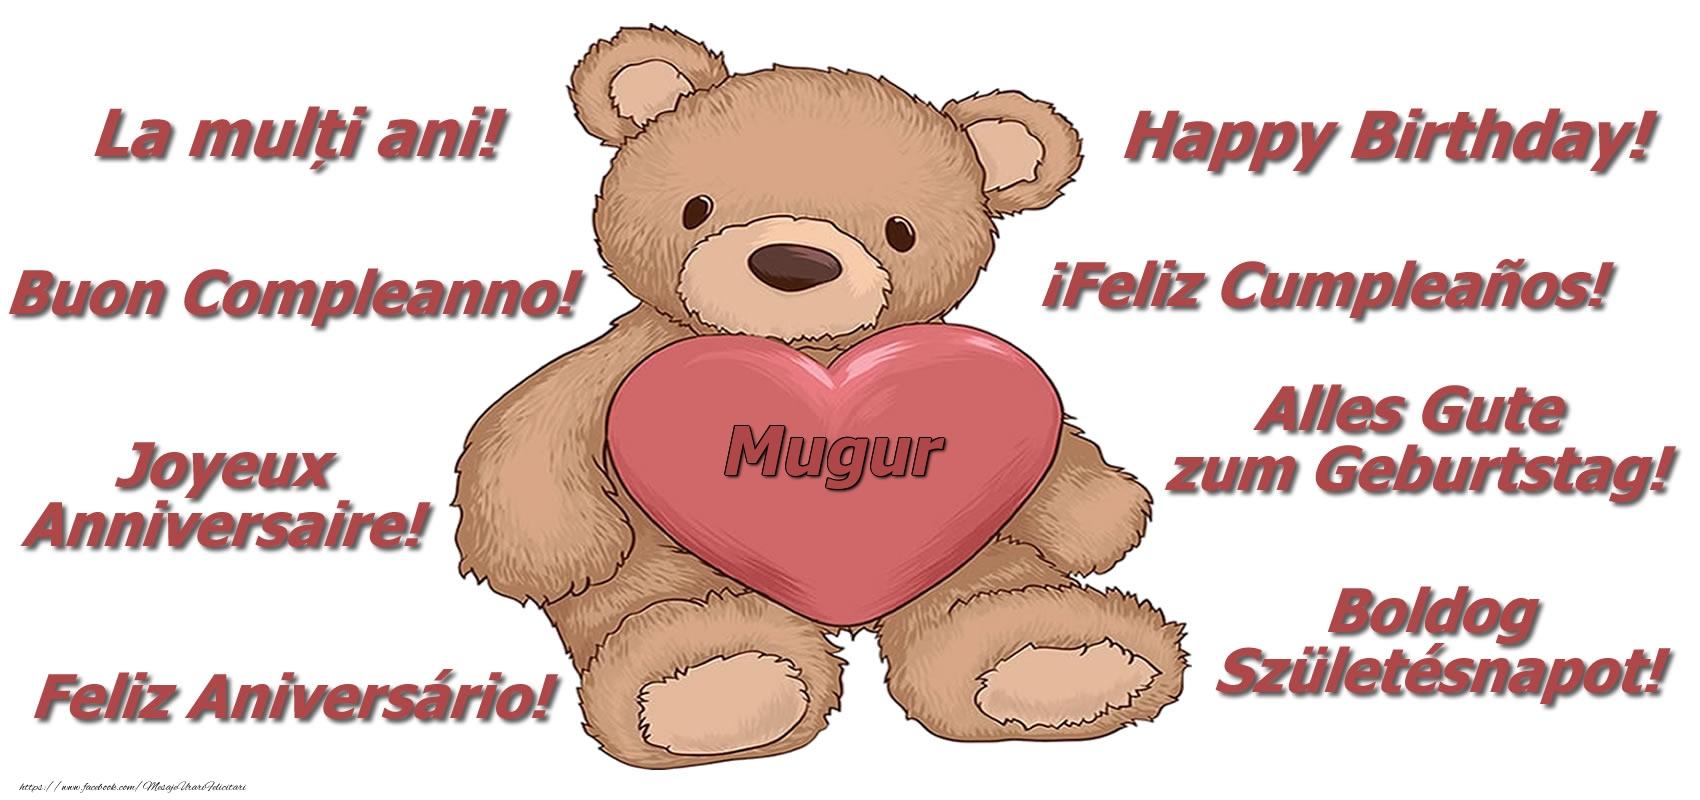 Felicitari de zi de nastere - La multi ani Mugur! - Ursulet